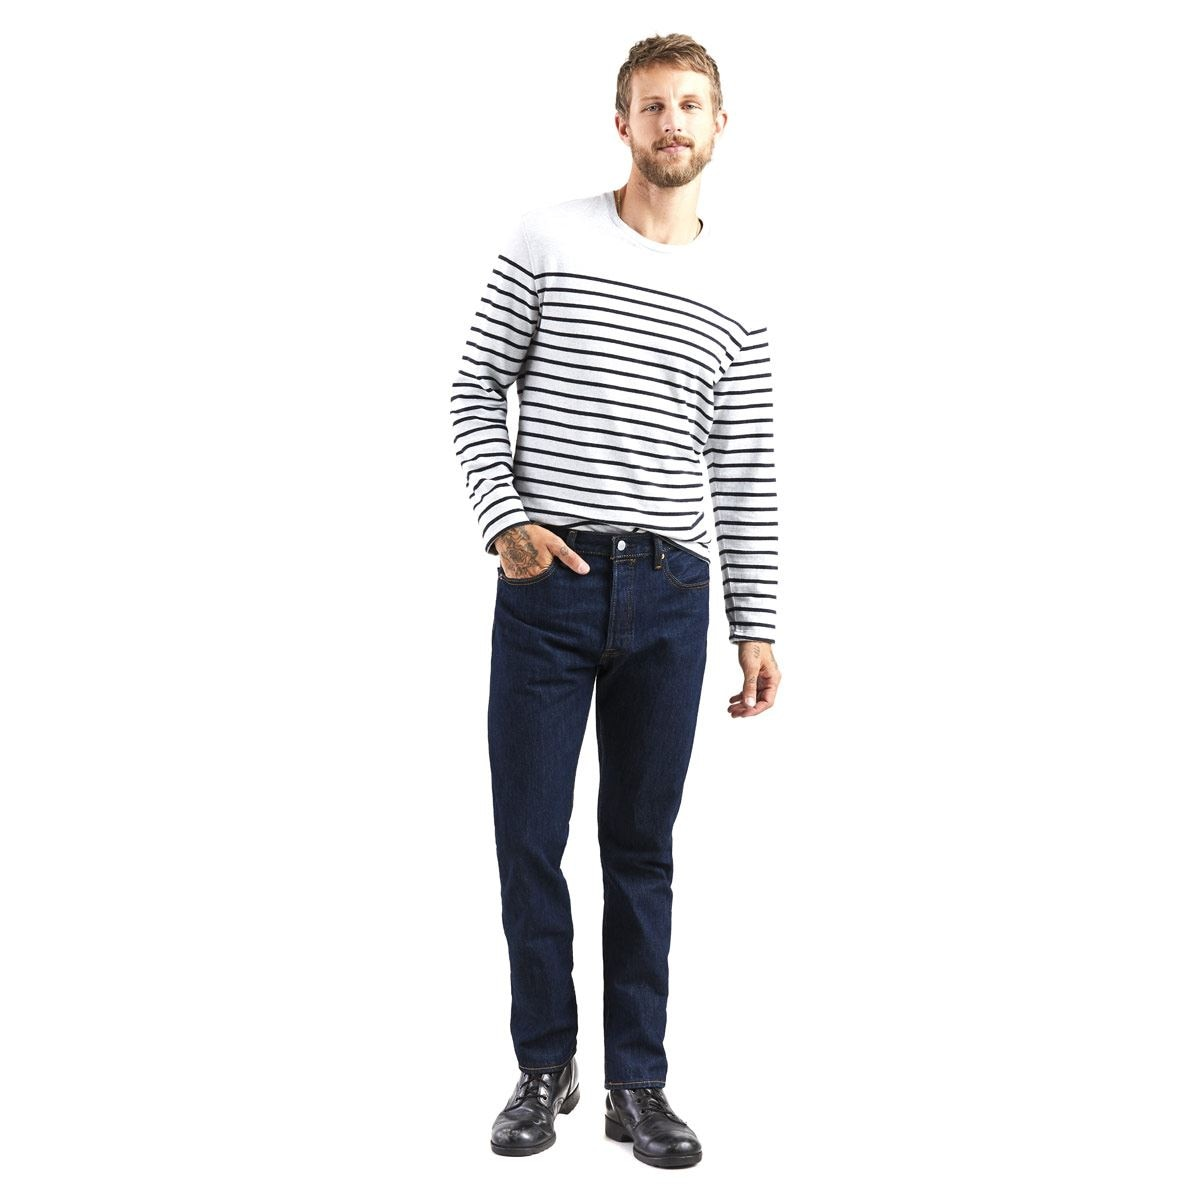 Levi's 501 Original Fit Jeans 33x32